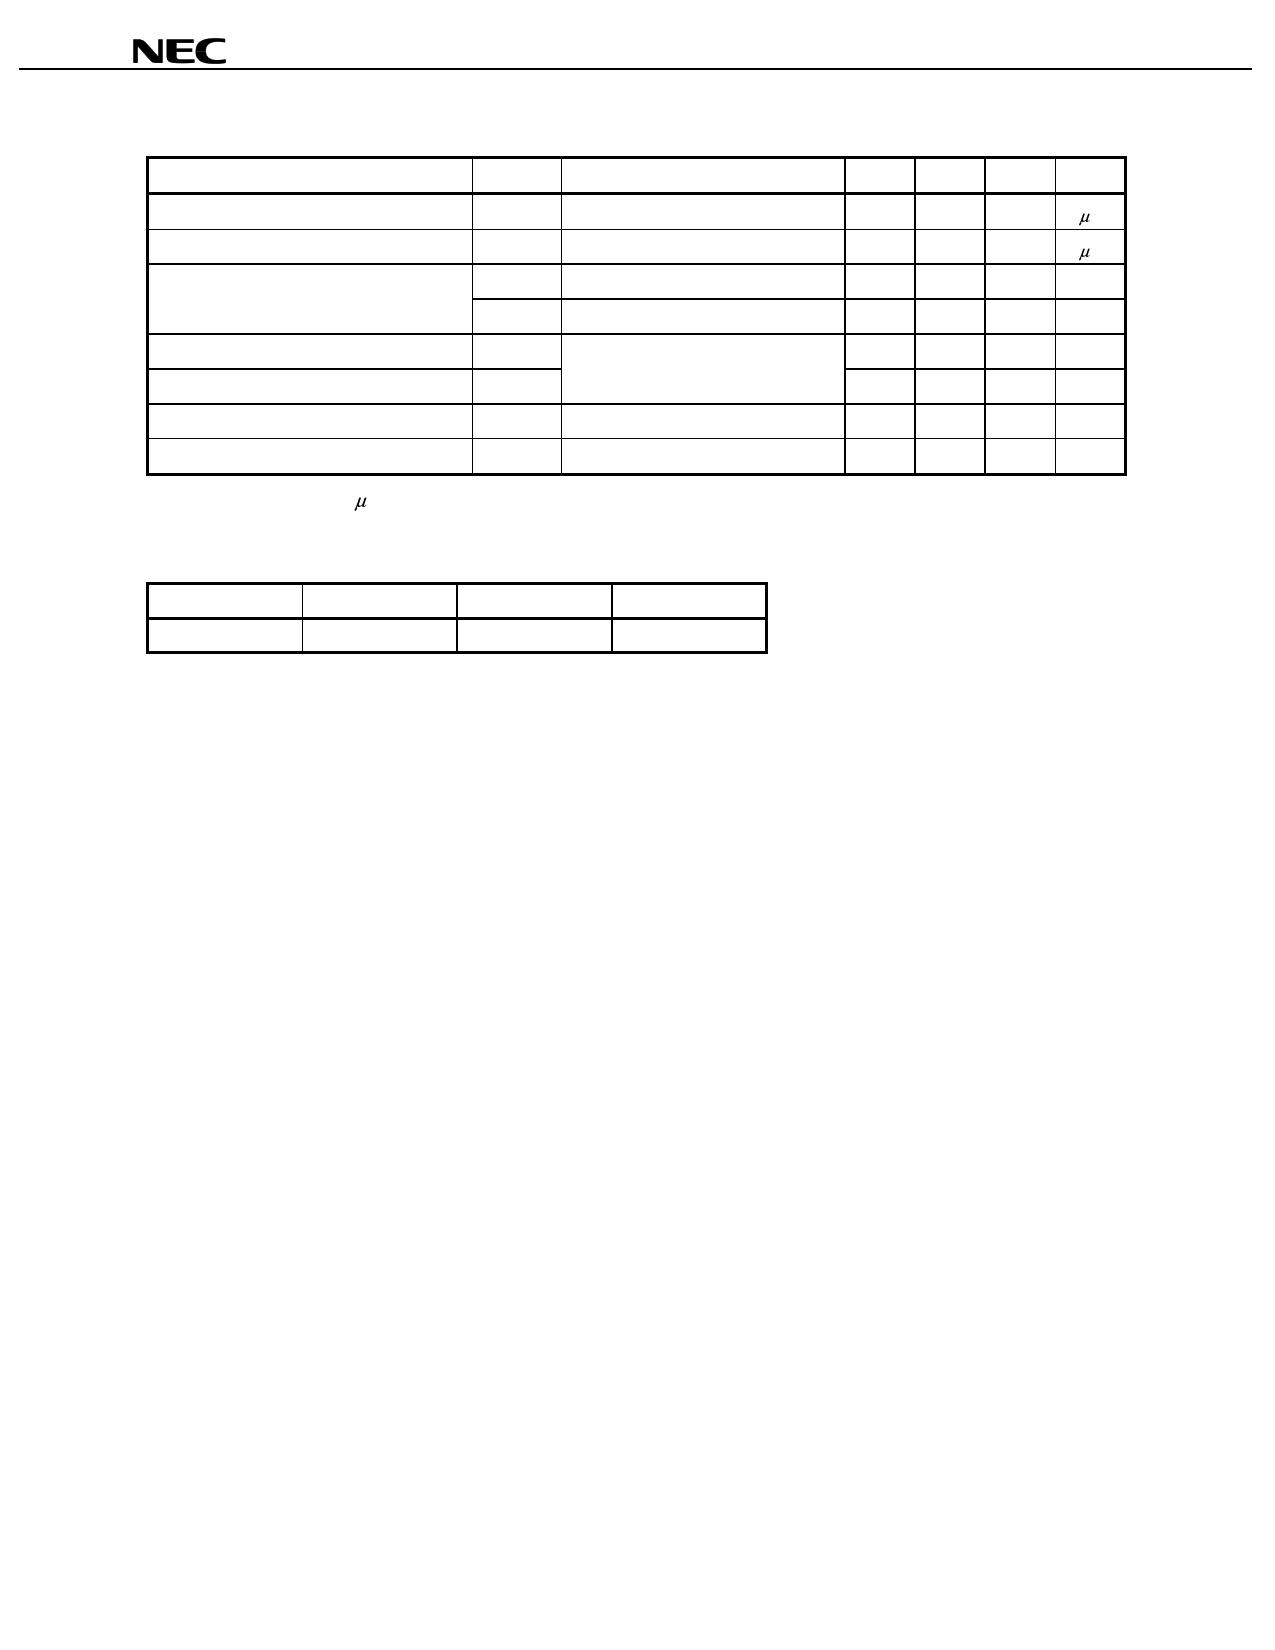 C2690A pdf, schematic